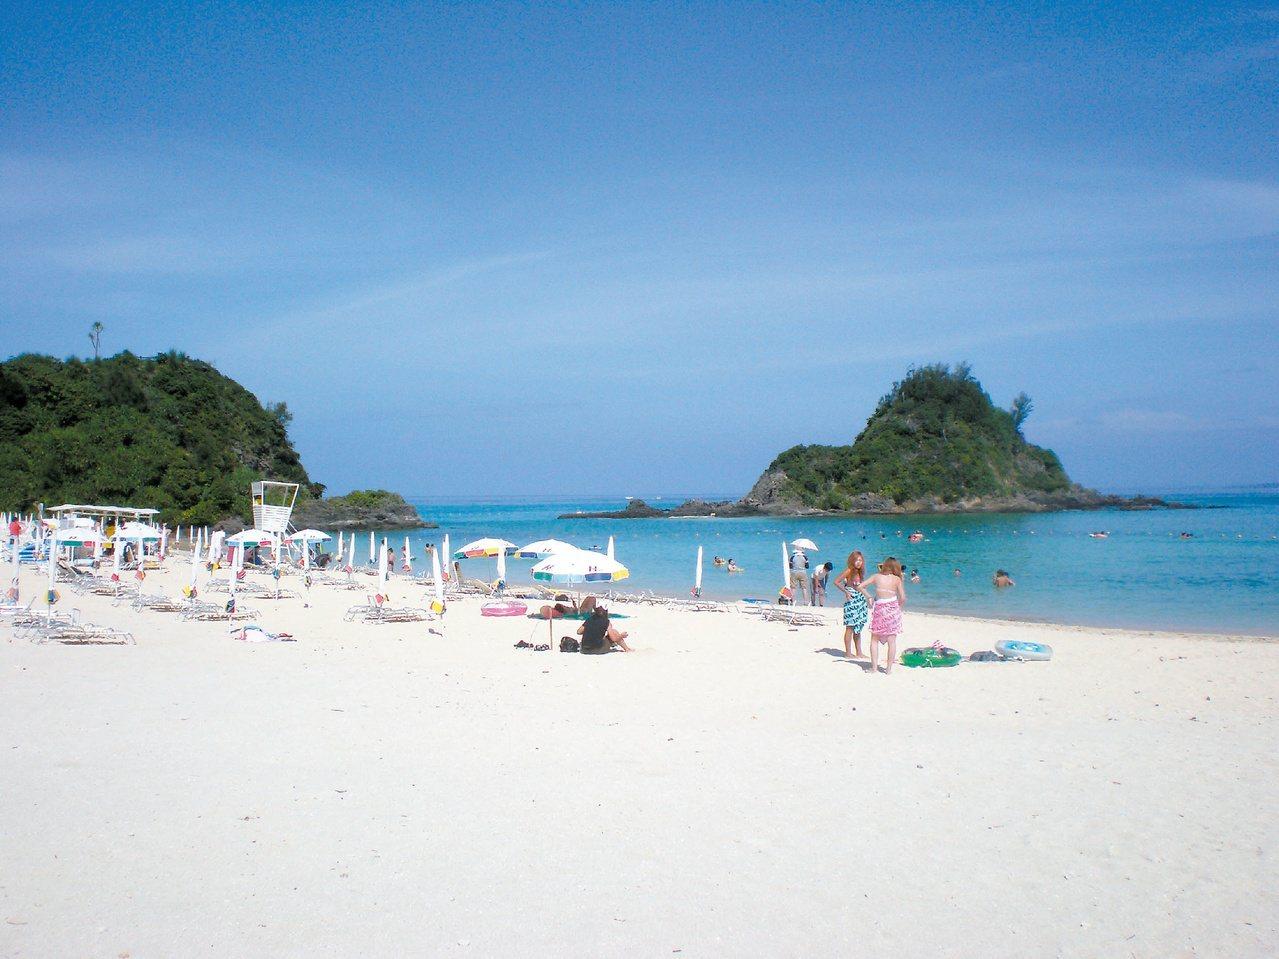 沖繩Kariyushi海灘的沙灘超白,配上藍天碧海,景致優美。 記者饒磐安/攝影